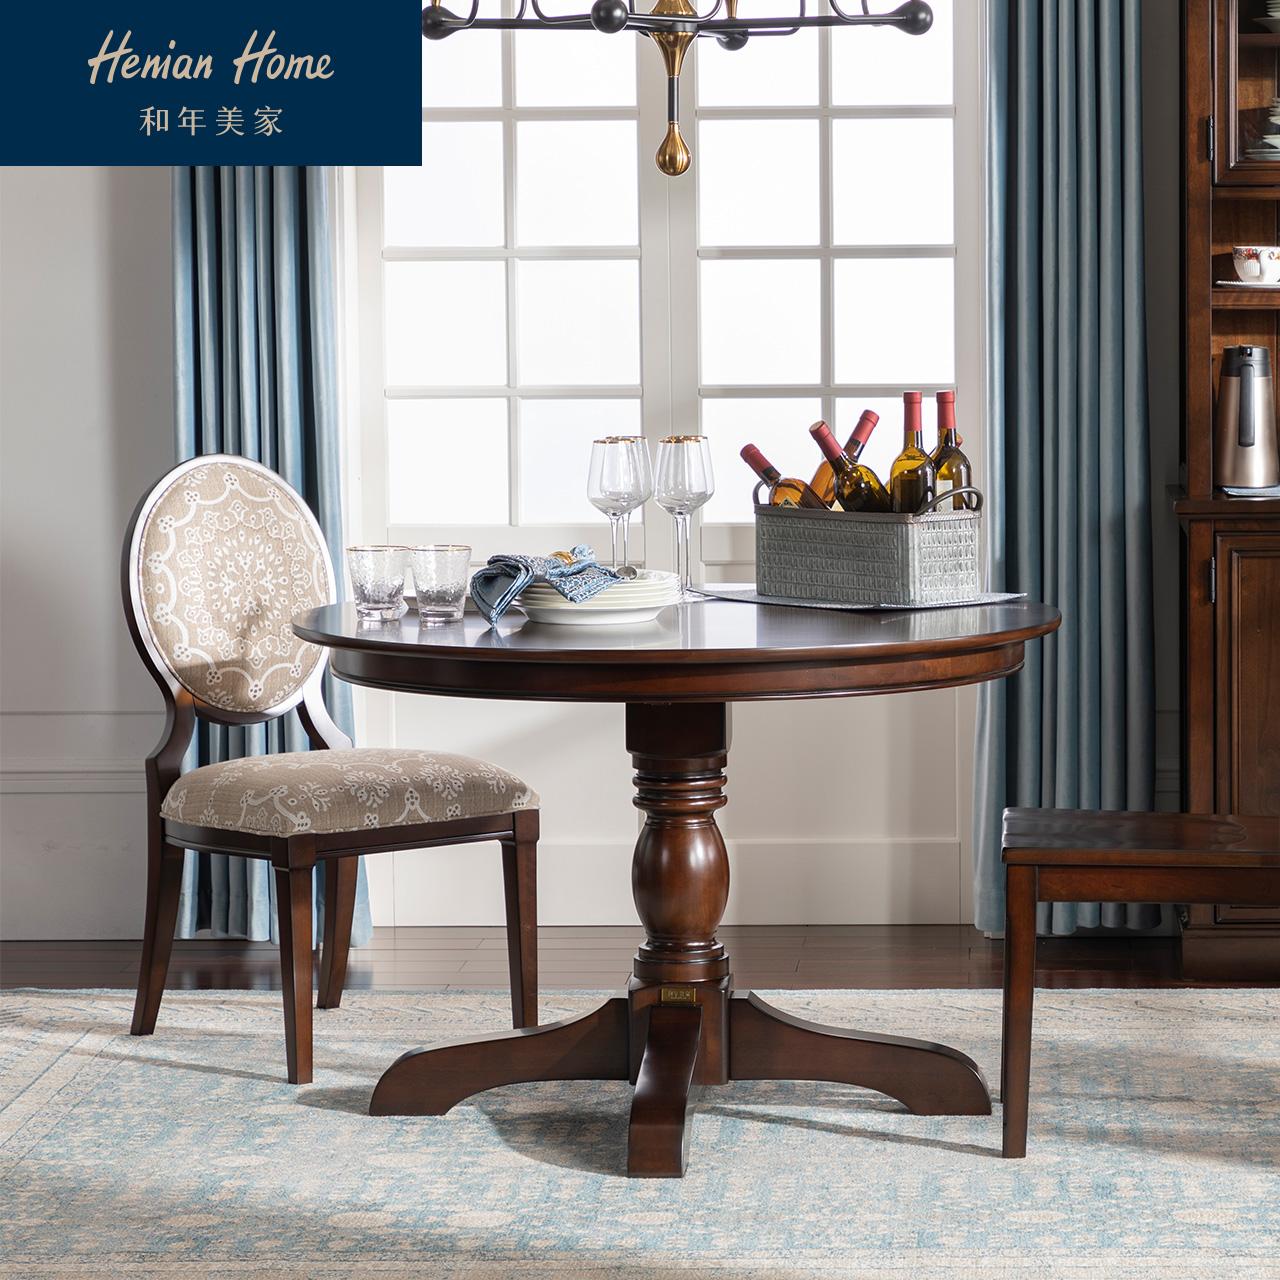 和年美家美式簡約輕奢圓餐桌美式鄉村餐廳全實木家用餐桌圓形桌子